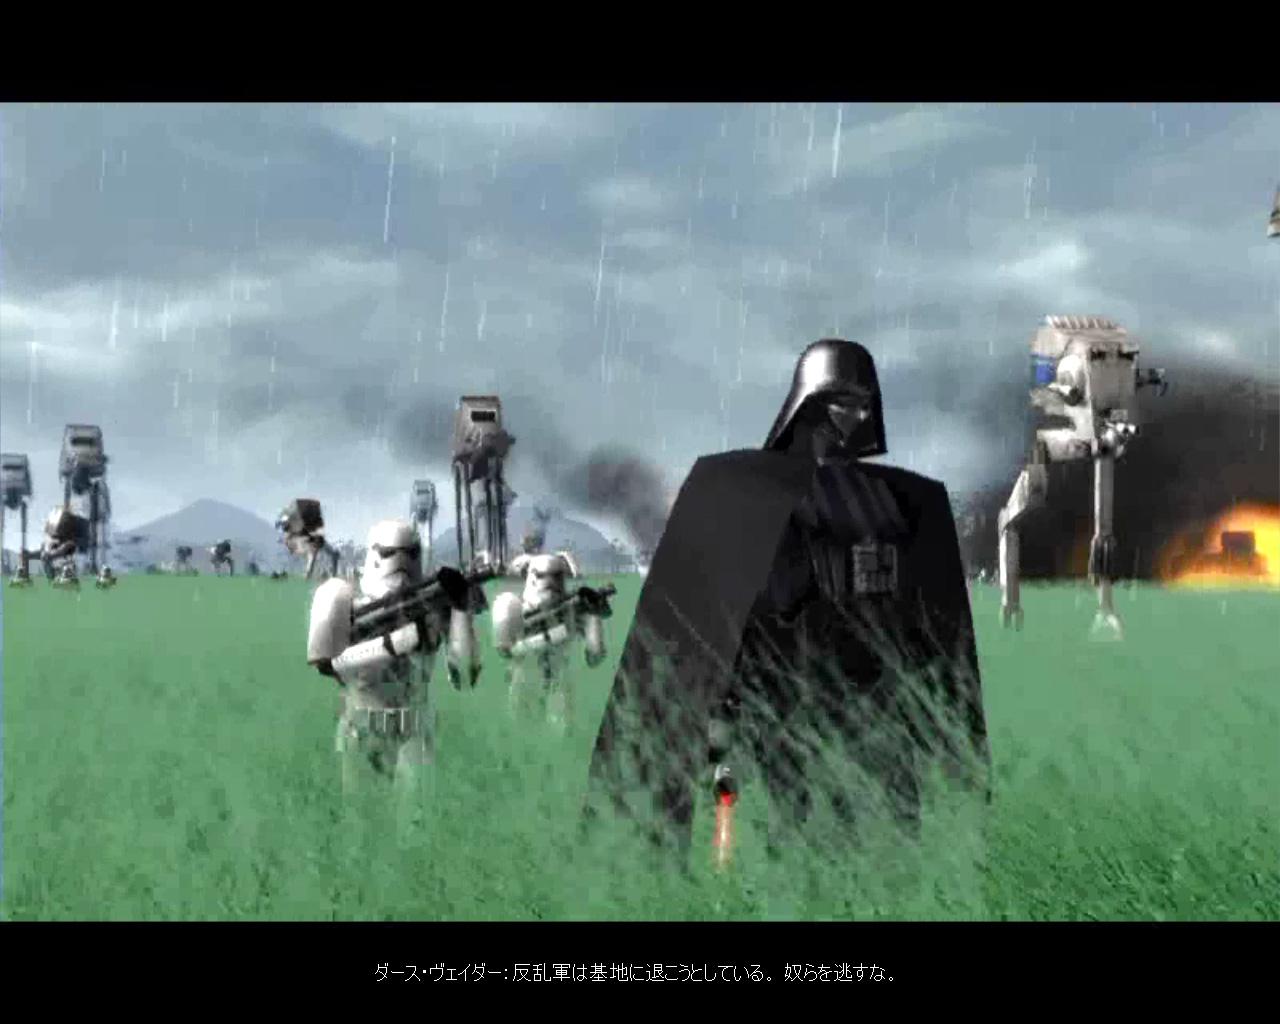 帝国軍キャンペーンは反乱軍に比べると,難度がかなり低めといえる。序盤か... 【4Gamer.n